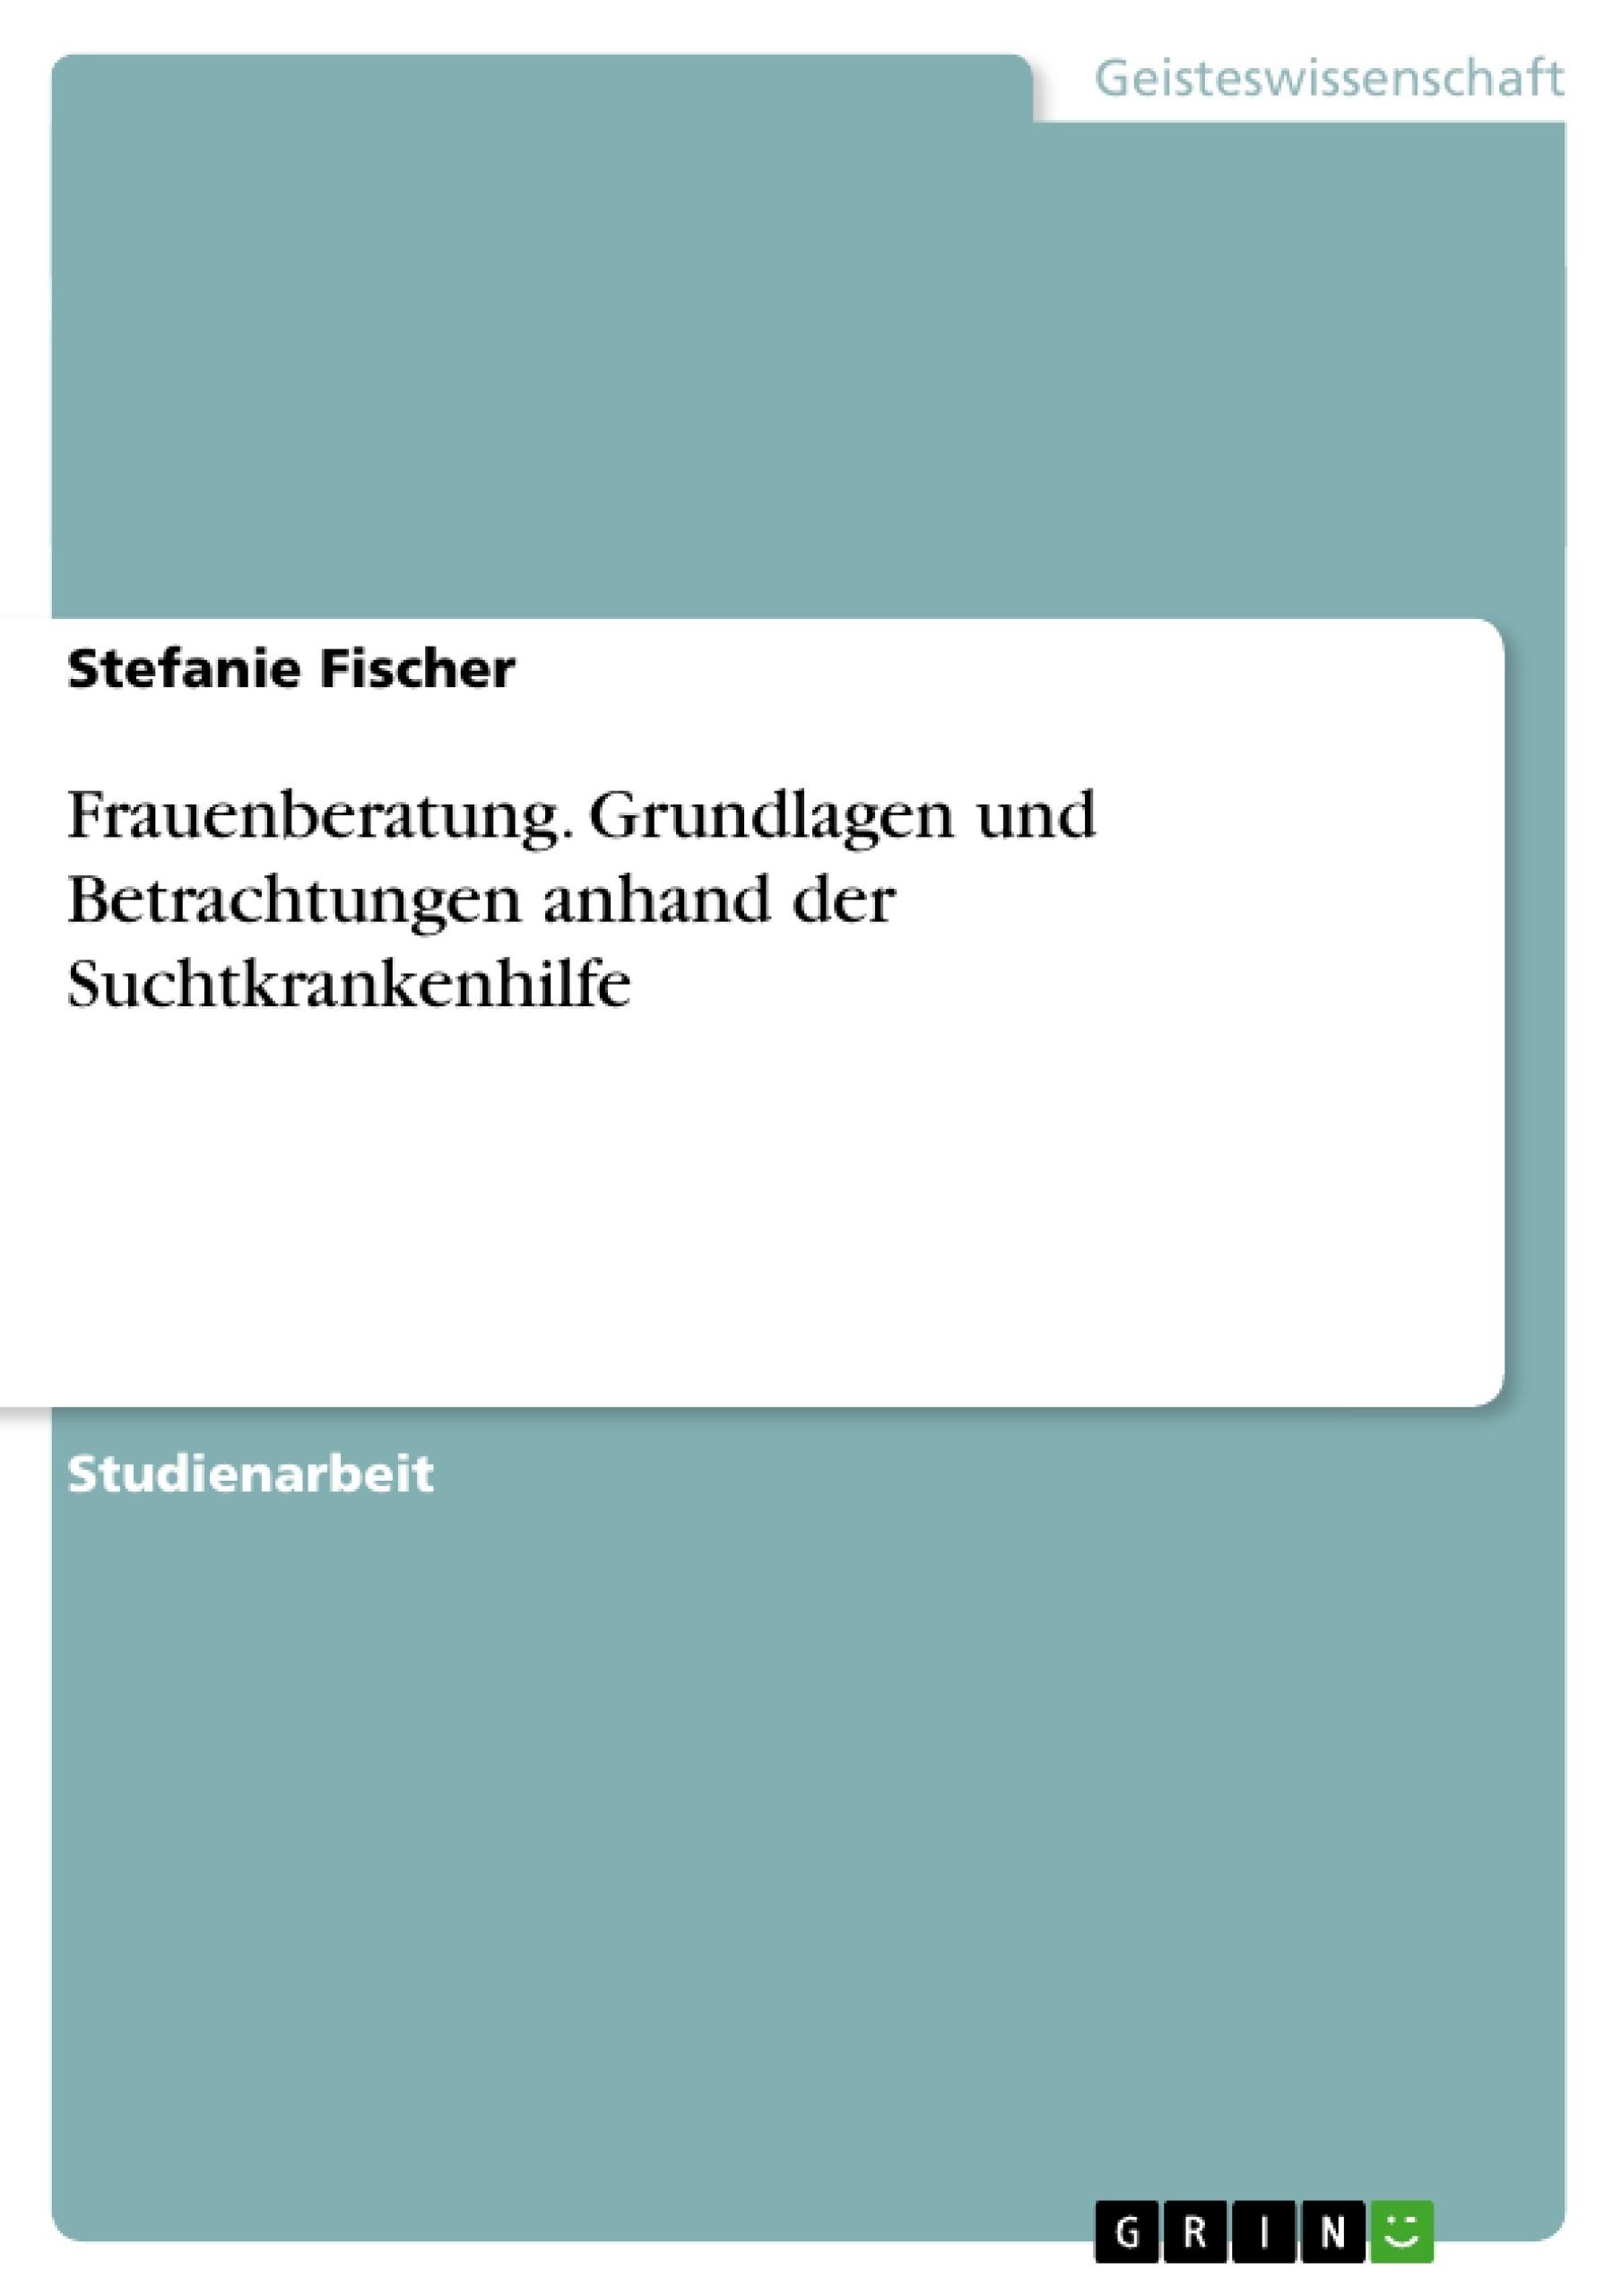 Titel: Frauenberatung. Grundlagen und Betrachtungen anhand der Suchtkrankenhilfe